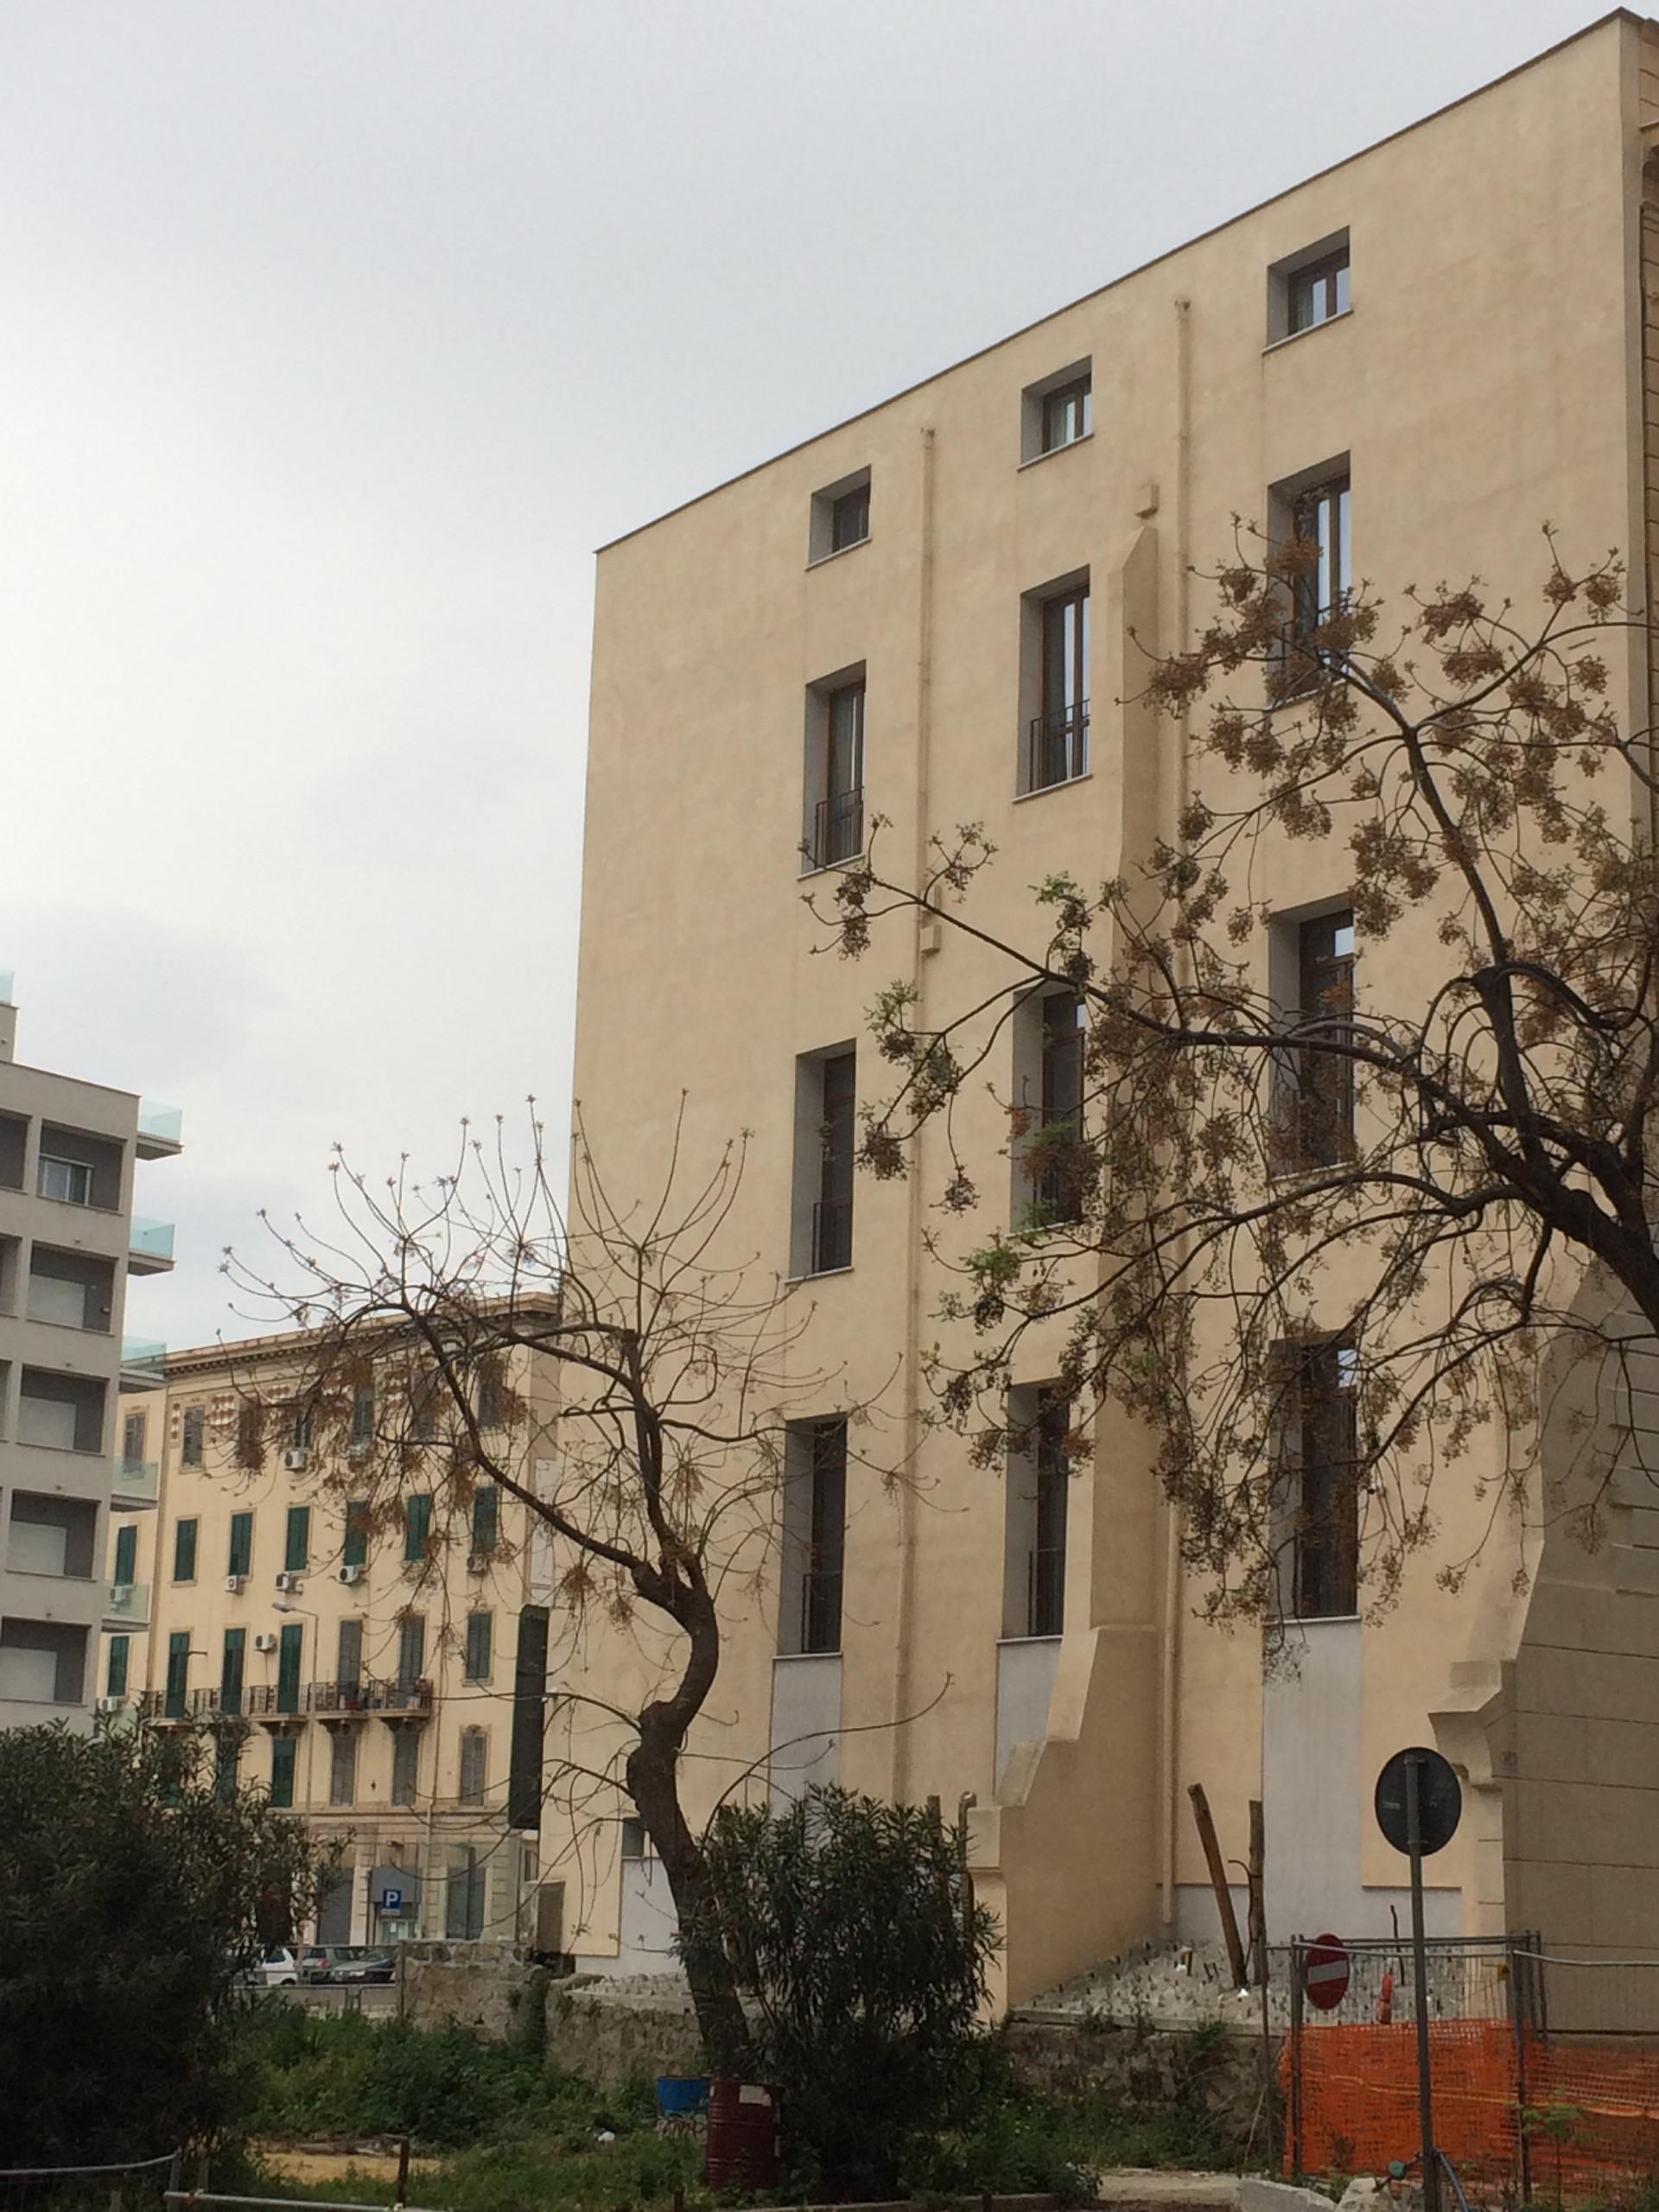 Intervento di riqualificazione edilizia a Piazza XIII Vittime, Palermo